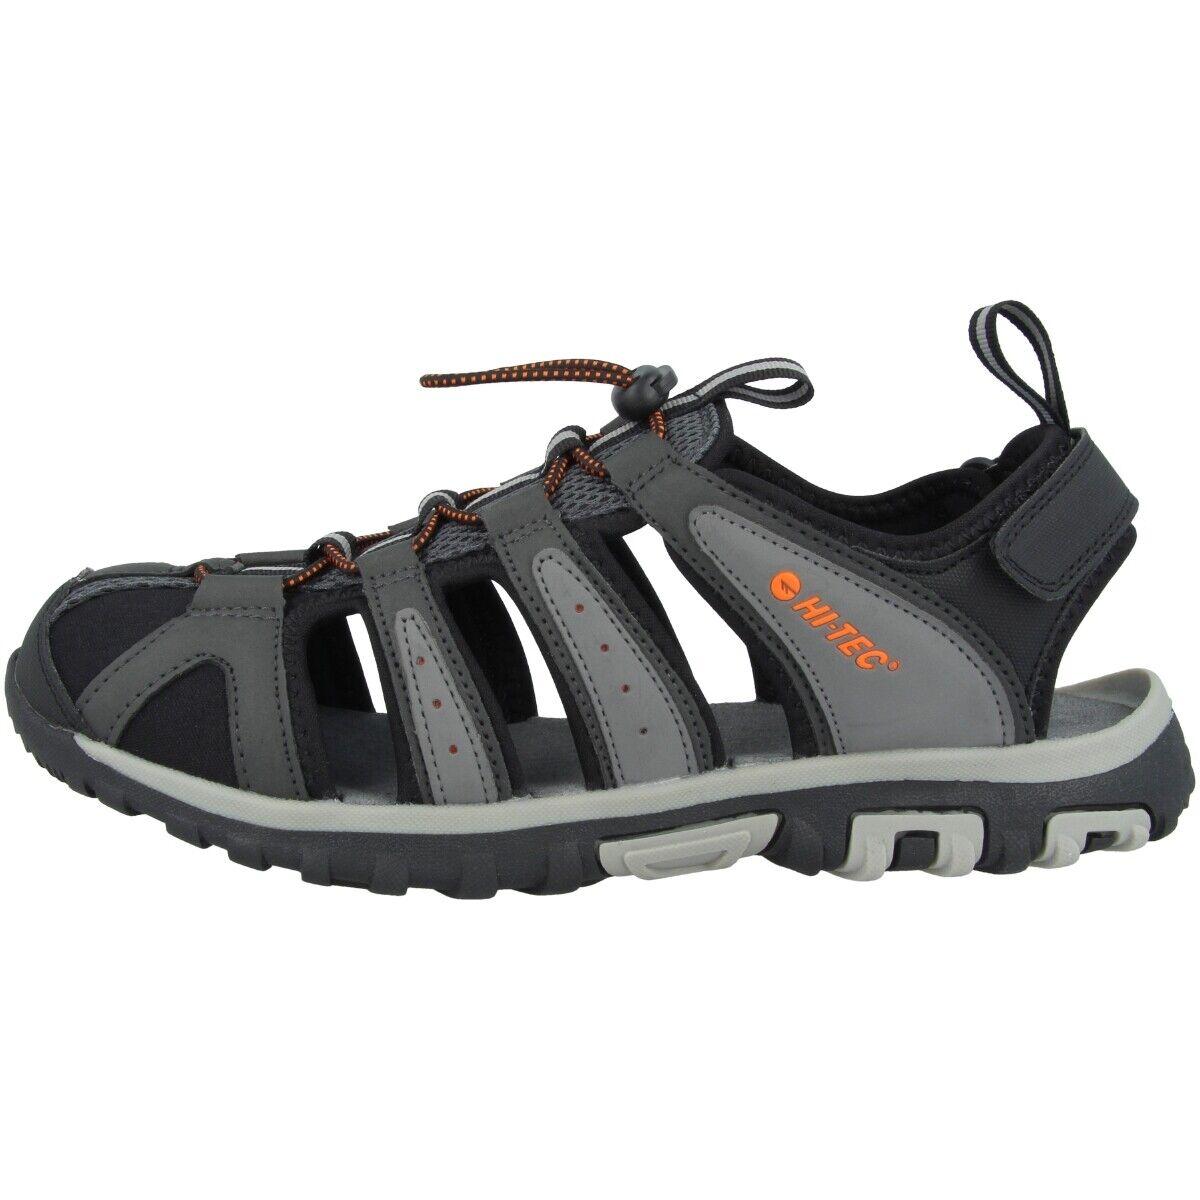 0a61b6c41dc Hi-Tec Hi-Tec Hi-Tec Cove Breeze shoes Sandals Outdoor Trekking ...